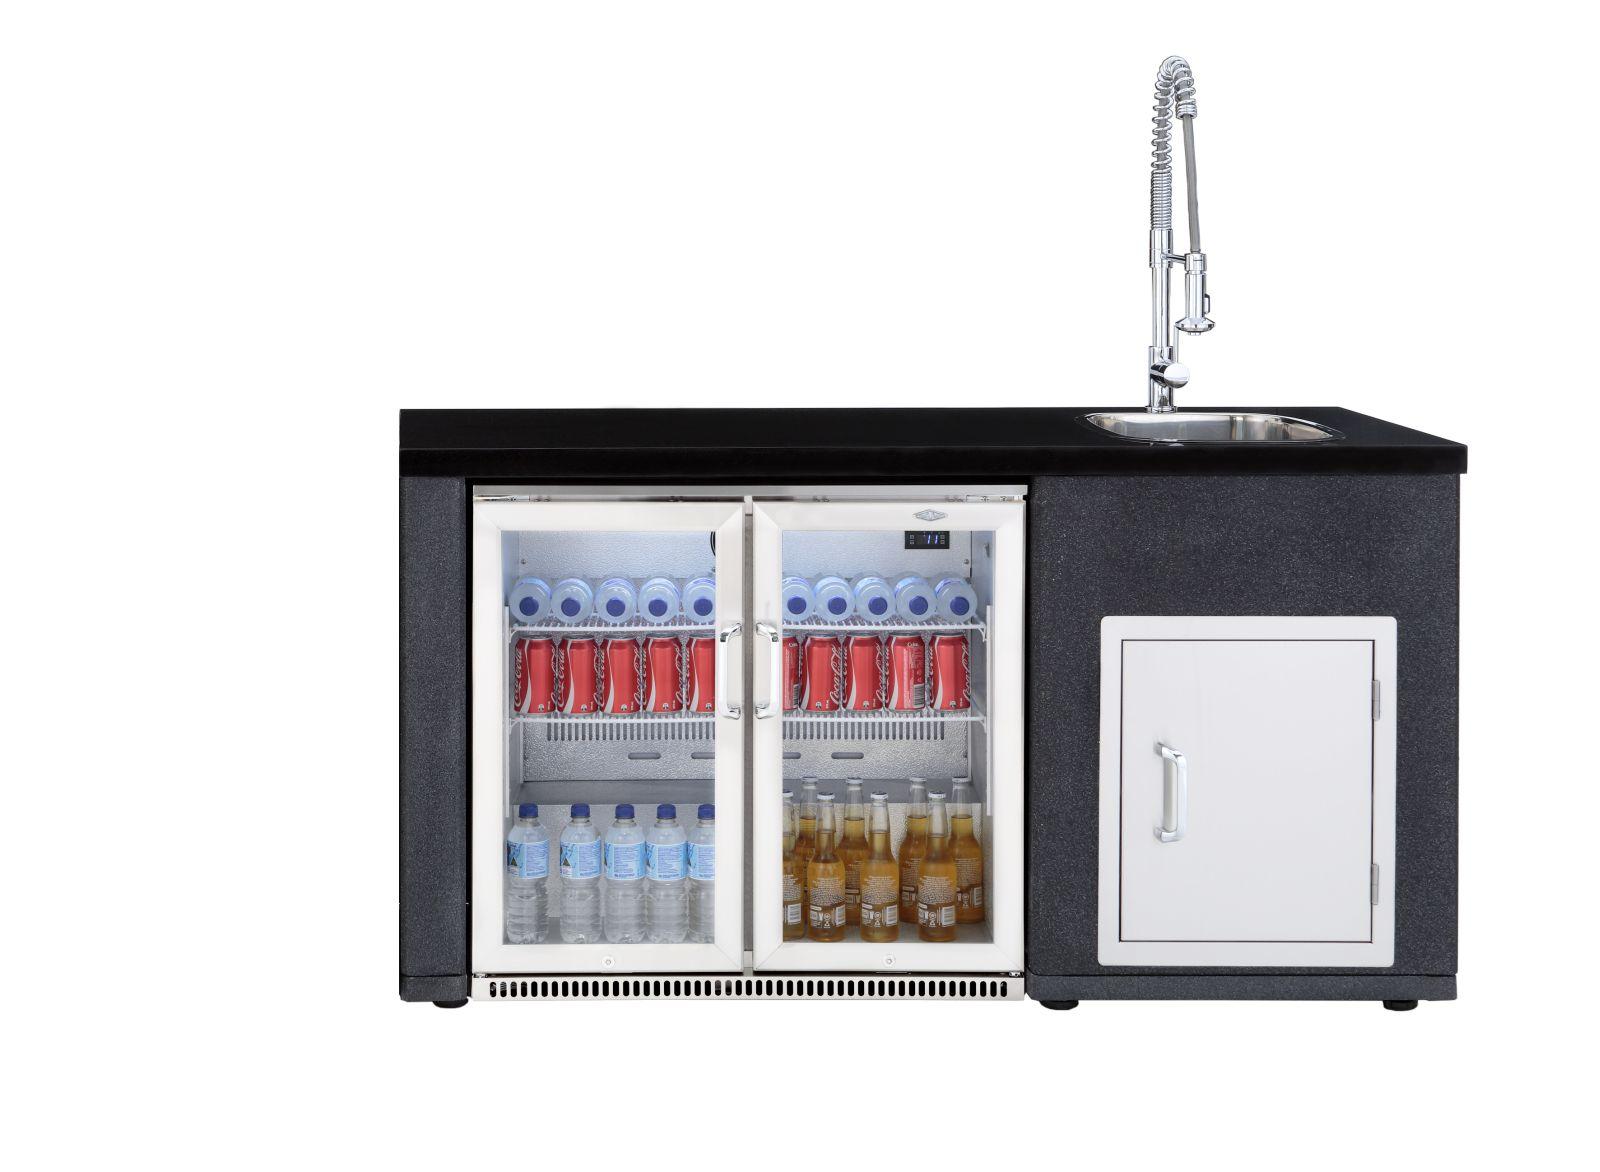 Outdoorküche Mit Kühlschrank Vergleich : Outdoorküche artisan spülmodul mit kühlschrank tür für den